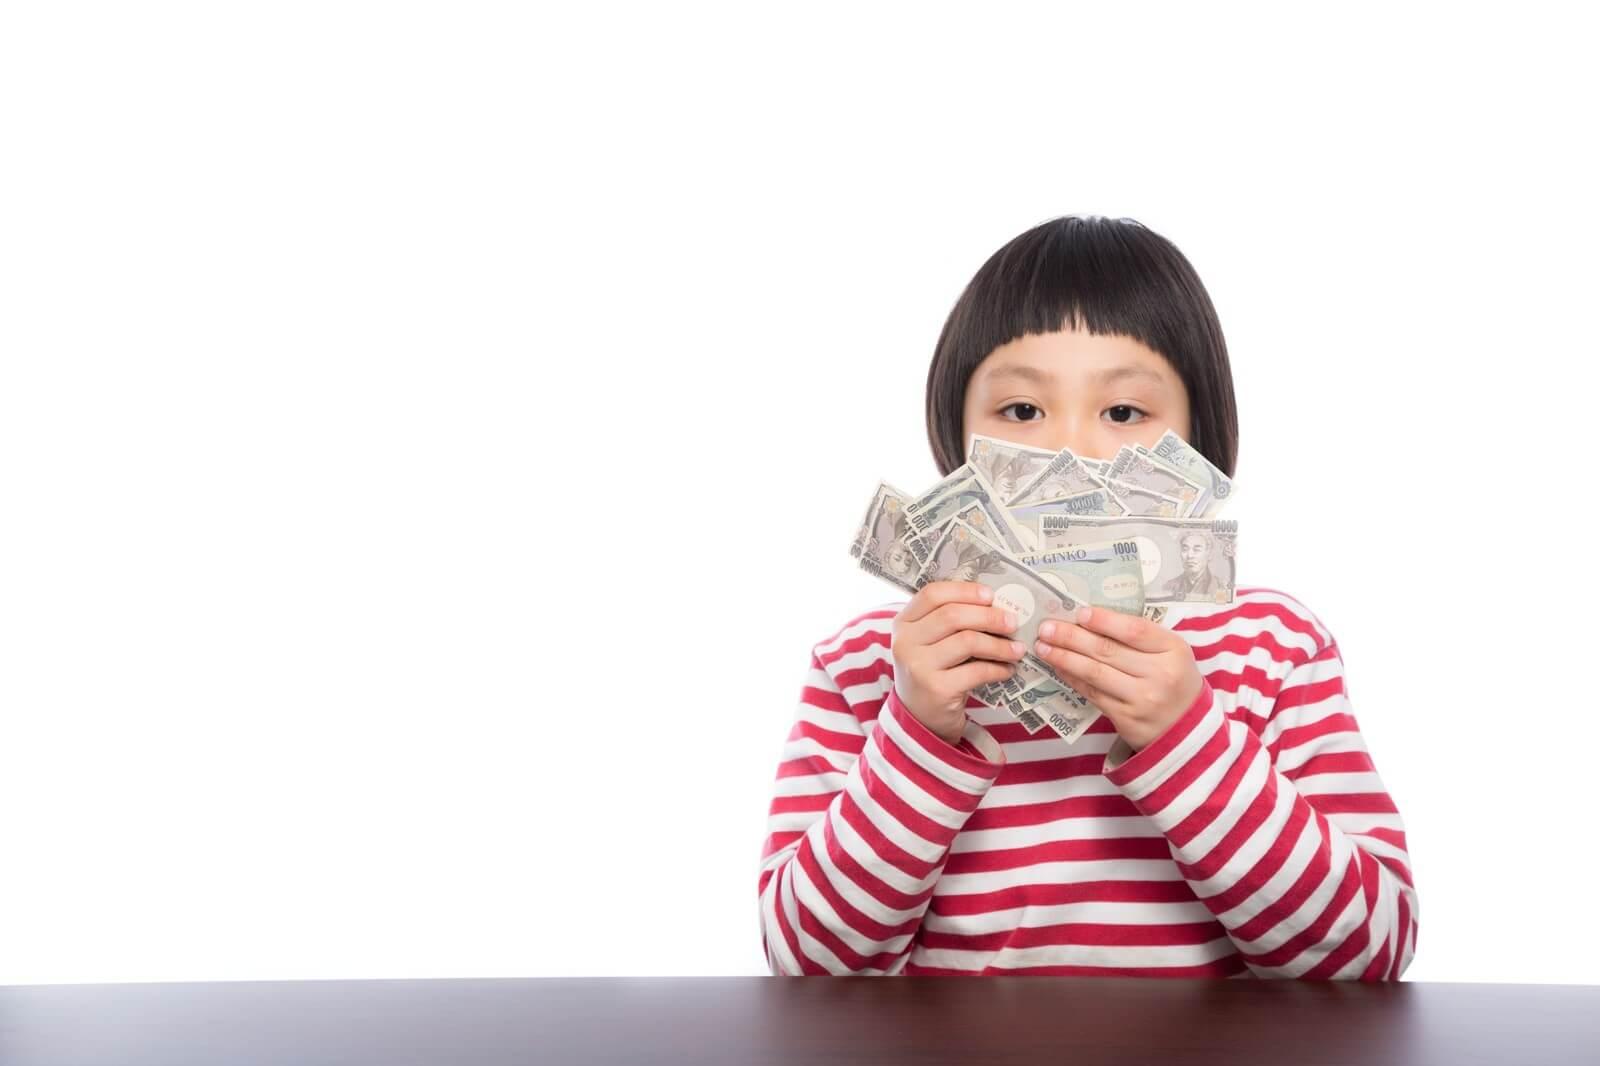 お金を両手に持つ女の子